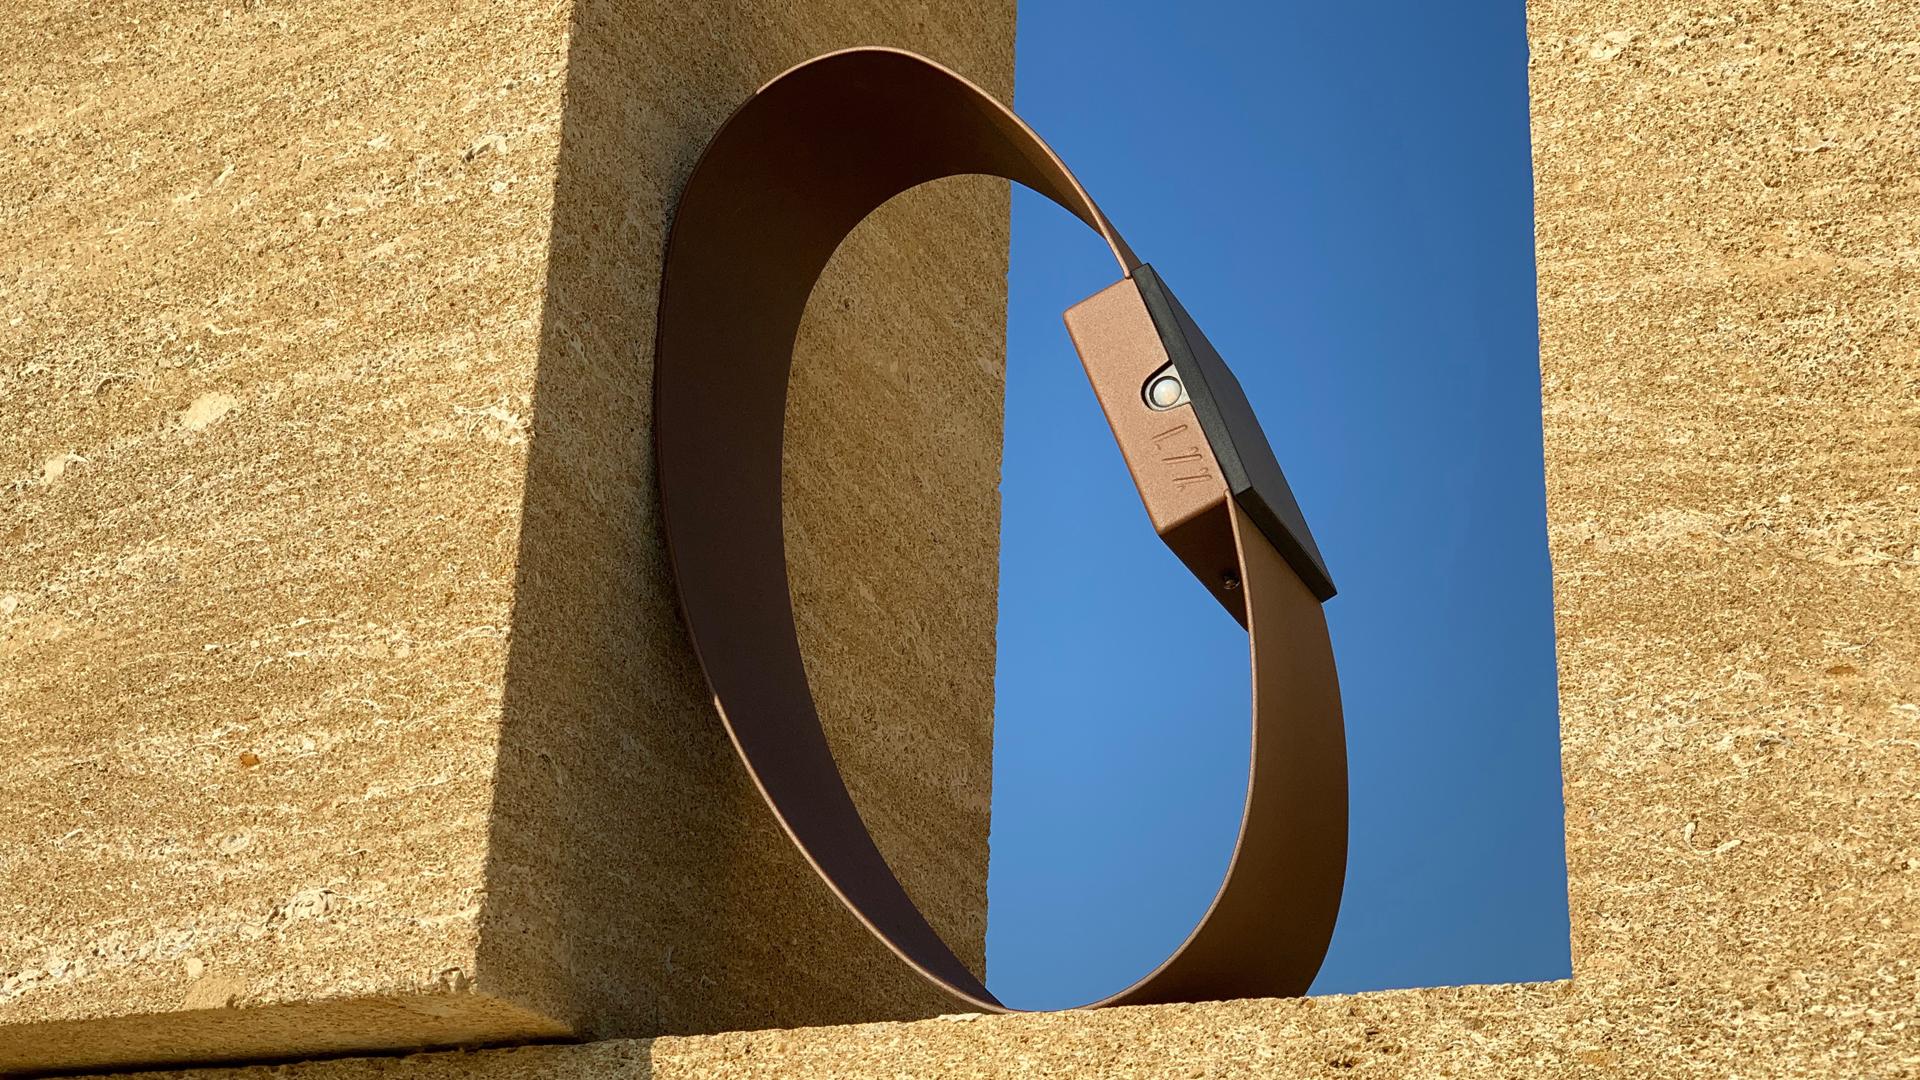 Borne solaire extérieure pour éclairage d'extérieur, en acier inoxydable, rouille Corten ou gris anthracite. Cette borne solaire extérieure permet un éclairage performant et un éclairage puissant. La lampe solaire extérieure RING est une lampe autonome, pièce unique s'adaptant à tout type d'environnement. Cette borne solaire extérieure au design original est équipée d'un détecteur de présence. Cadran solaire le jour et véritable sculpture lumineuse, RING peut devenir le soir une lampe de jardin pour éclairer votre extérieur. Comme toutes les lampes extérieures LYX Luminaires, la borne solaire extérieure RING est de conception et de fabrication française.